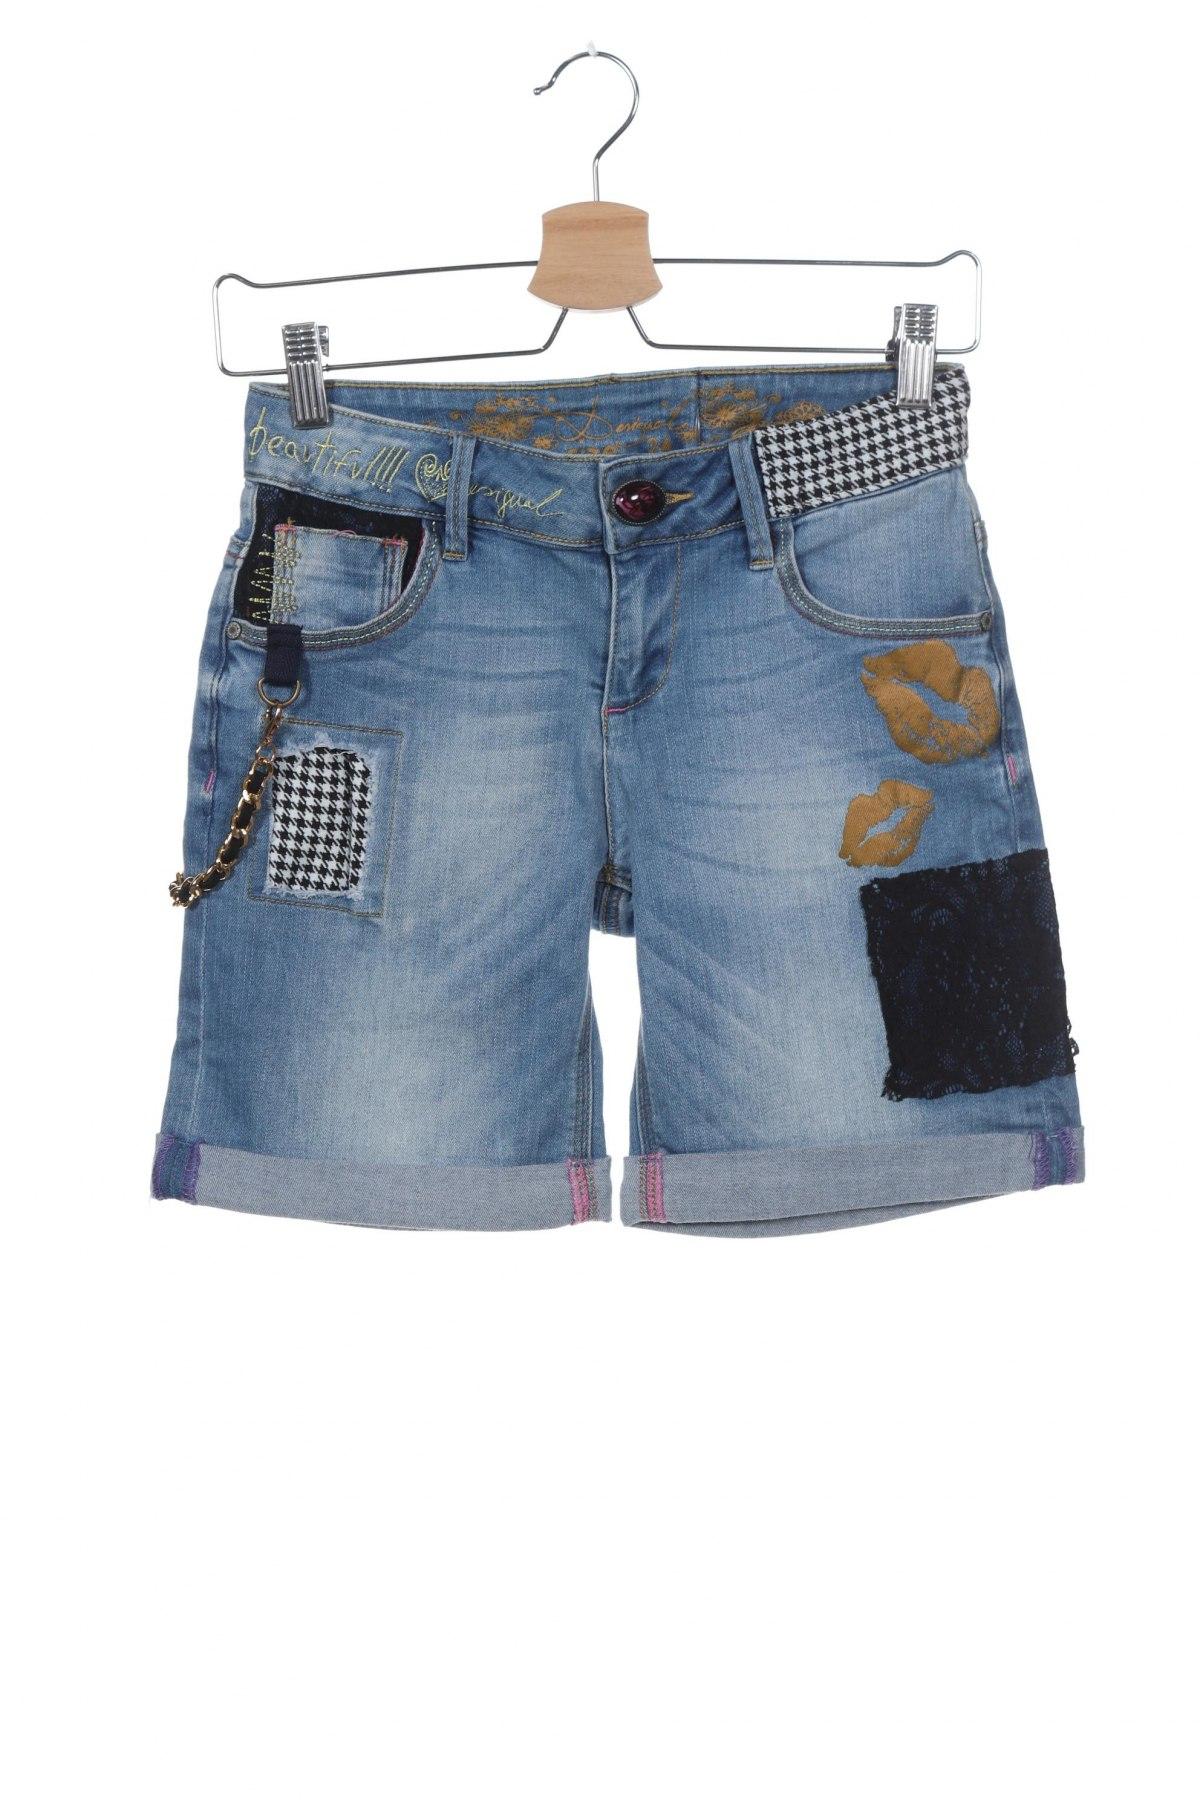 Γυναικείο κοντό παντελόνι Desigual, Μέγεθος XS, Χρώμα Μπλέ, 95% πολυεστέρας, 5% βαμβάκι, Τιμή 20,36€